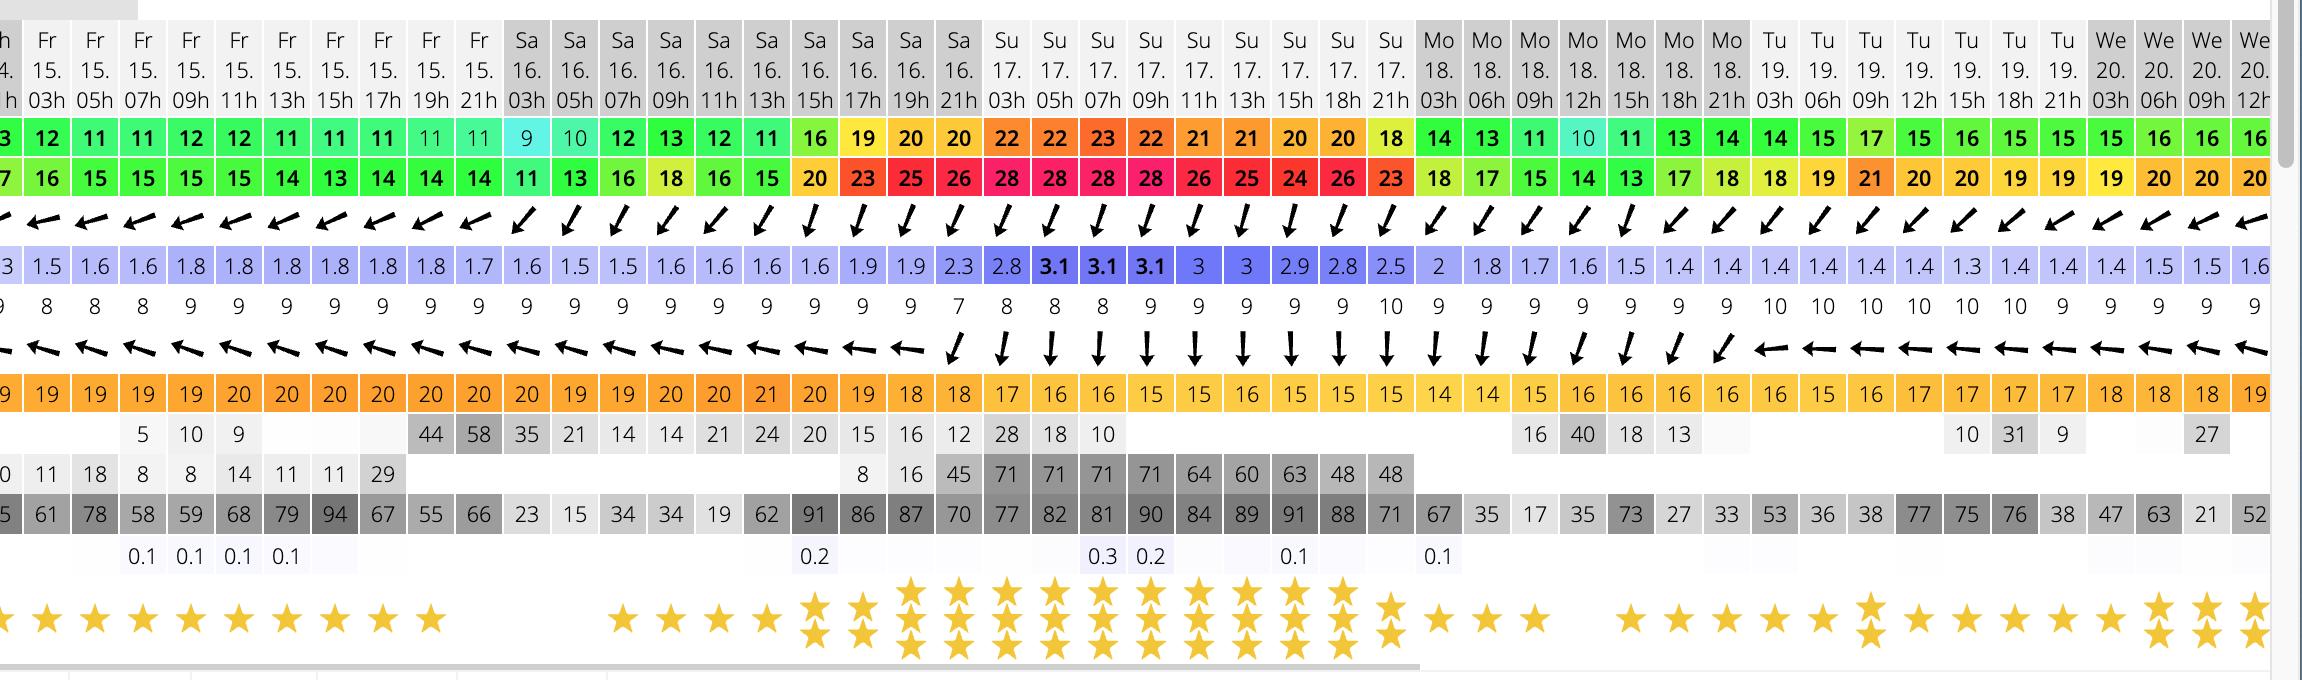 金曜日は弱めの東風。日曜日に期待しましょう。_c0098020_19265973.png